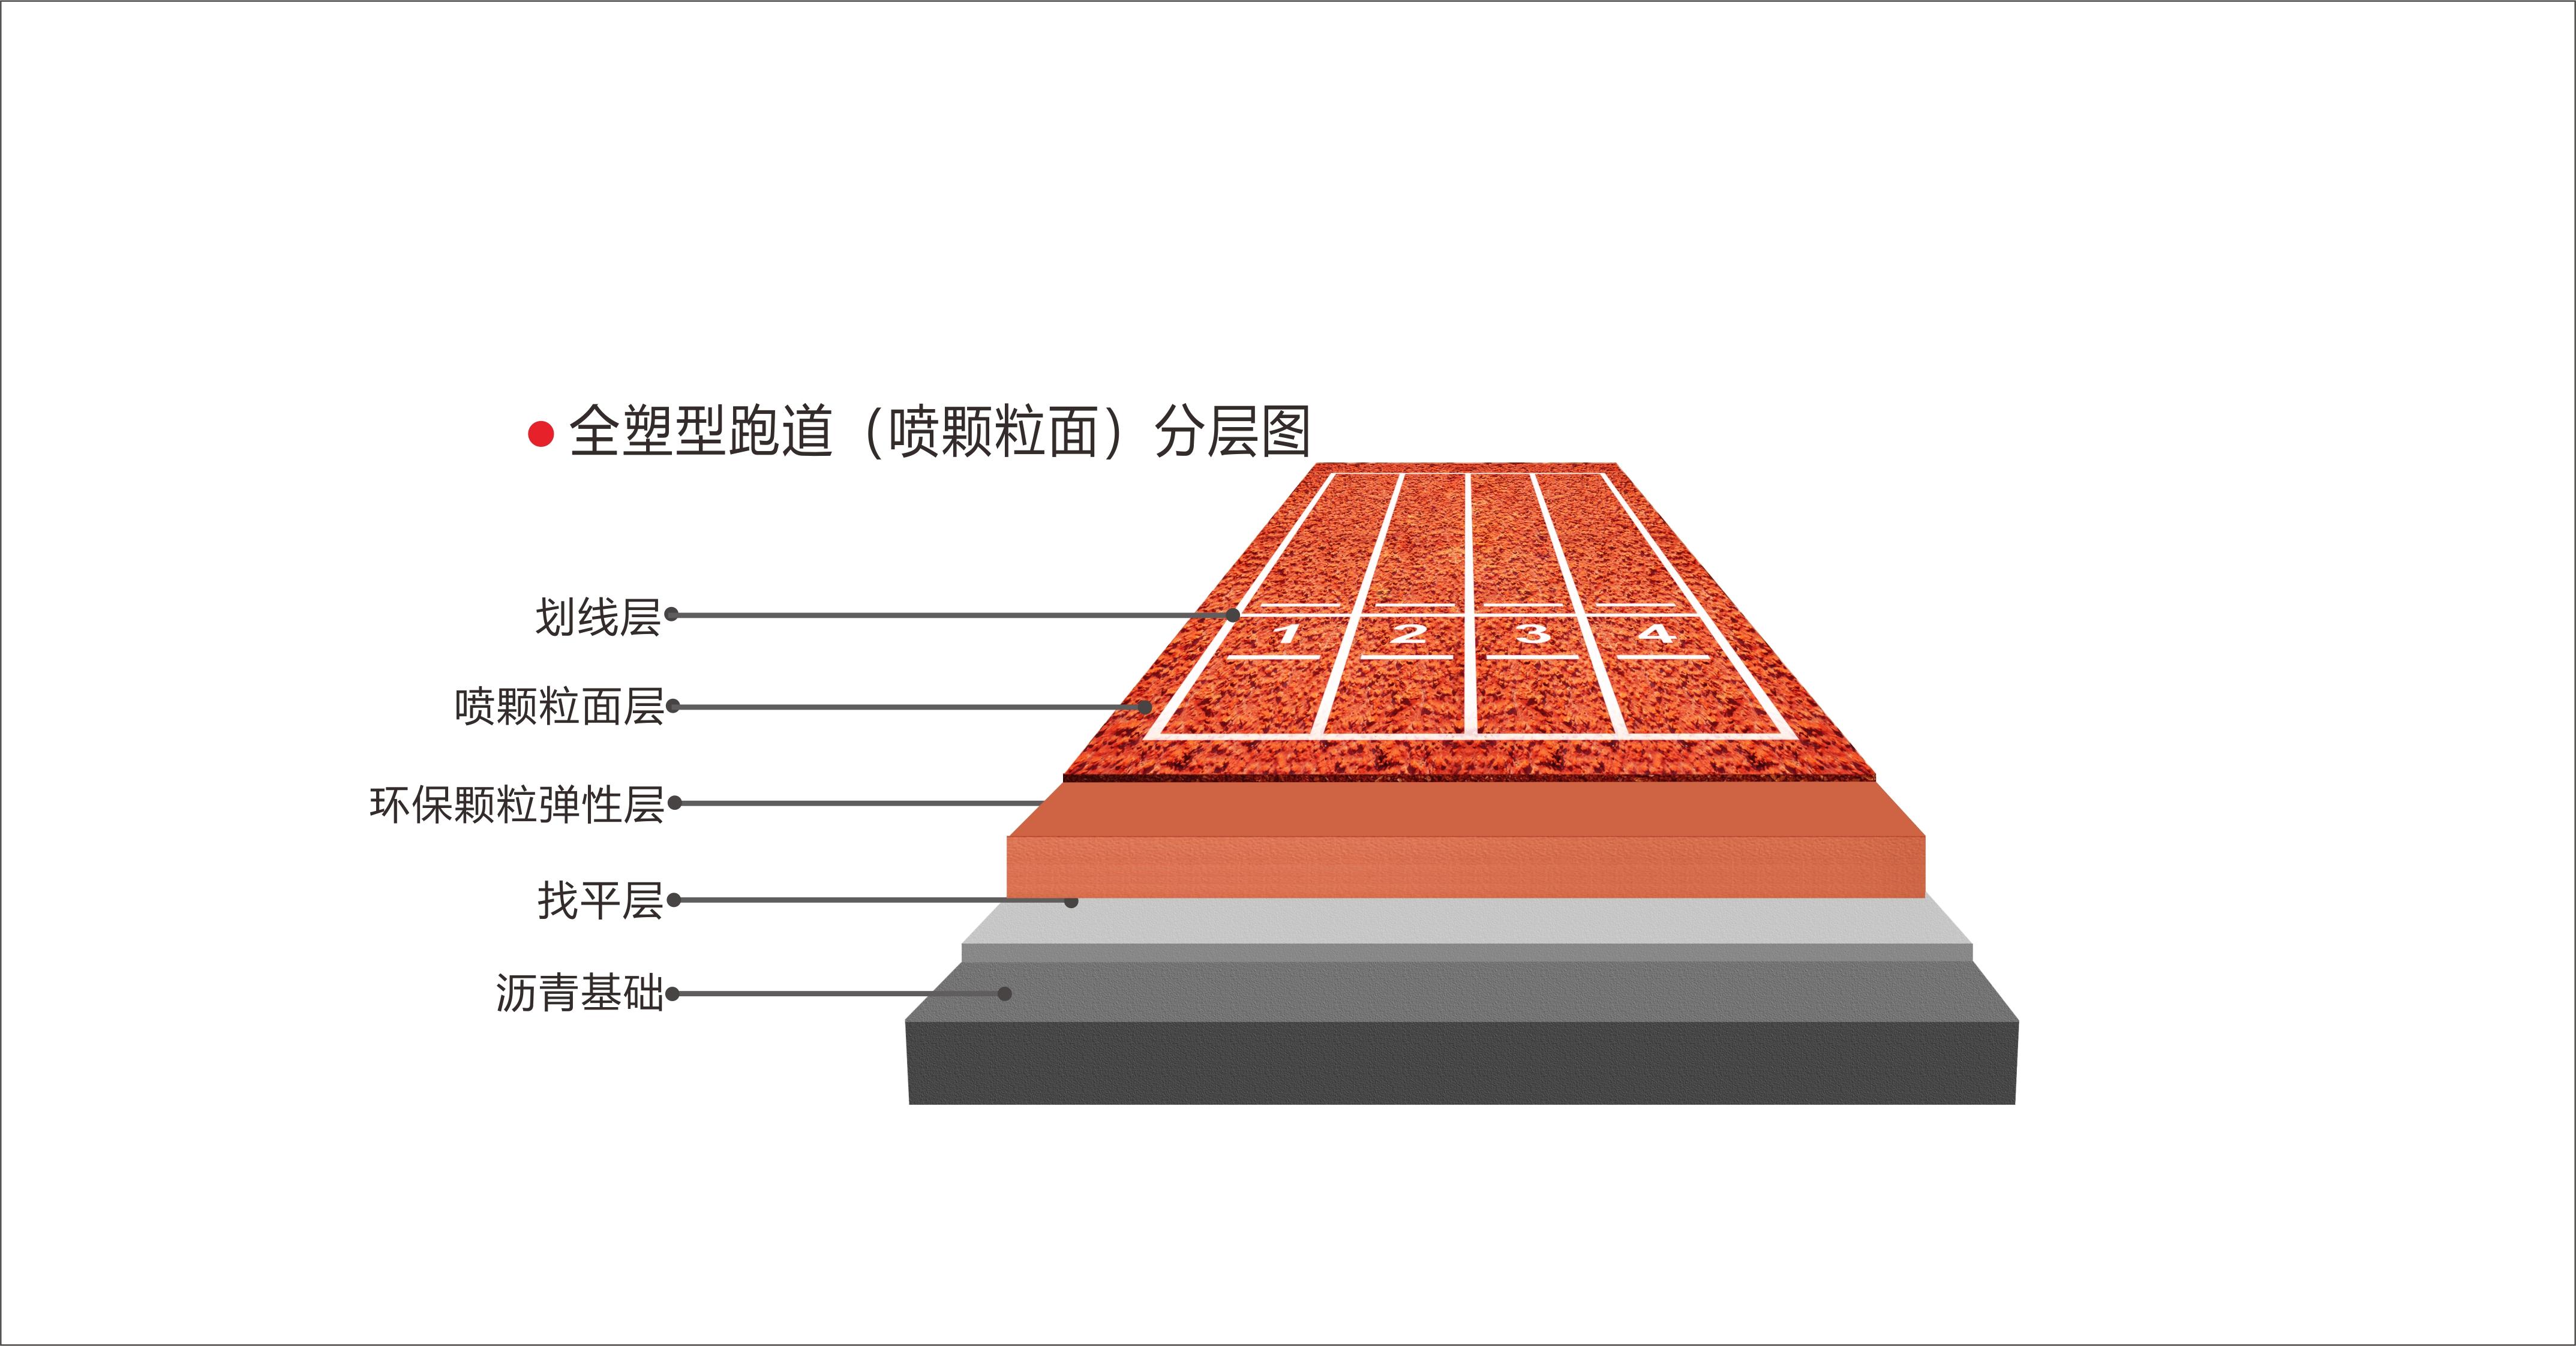 全塑型跑道(喷颗粒面)_建企商盟-建筑建材产业的云采购联盟平台